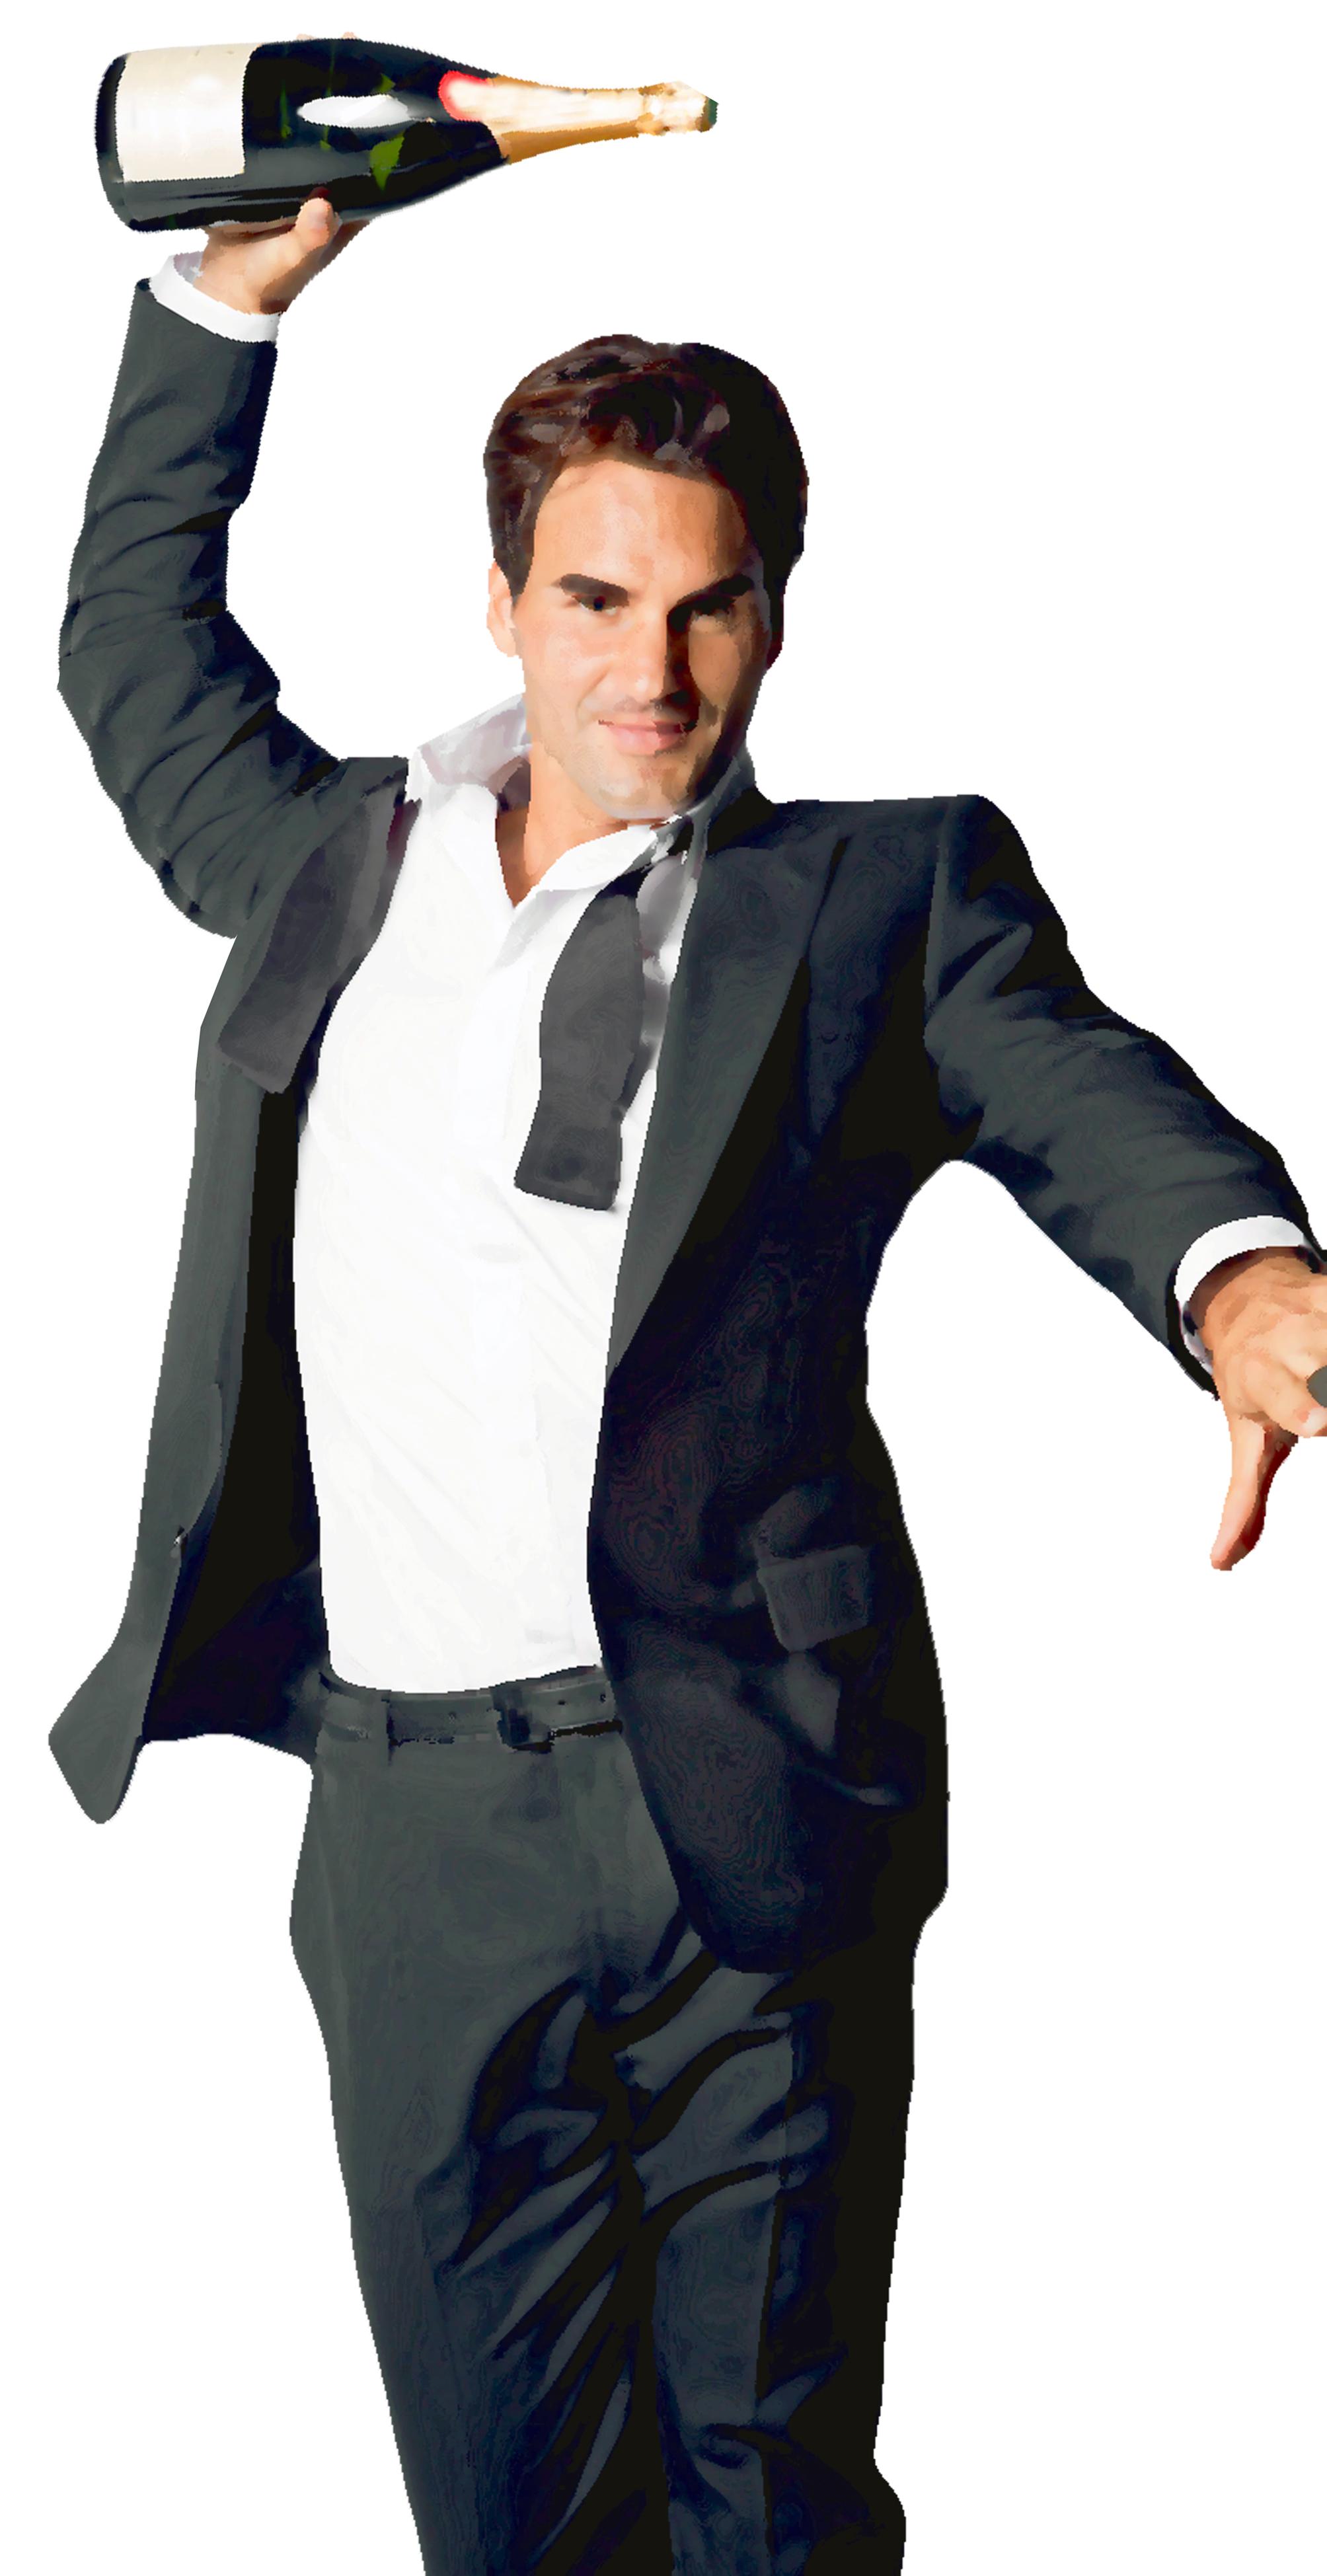 Roger Federer ClipartLook.com